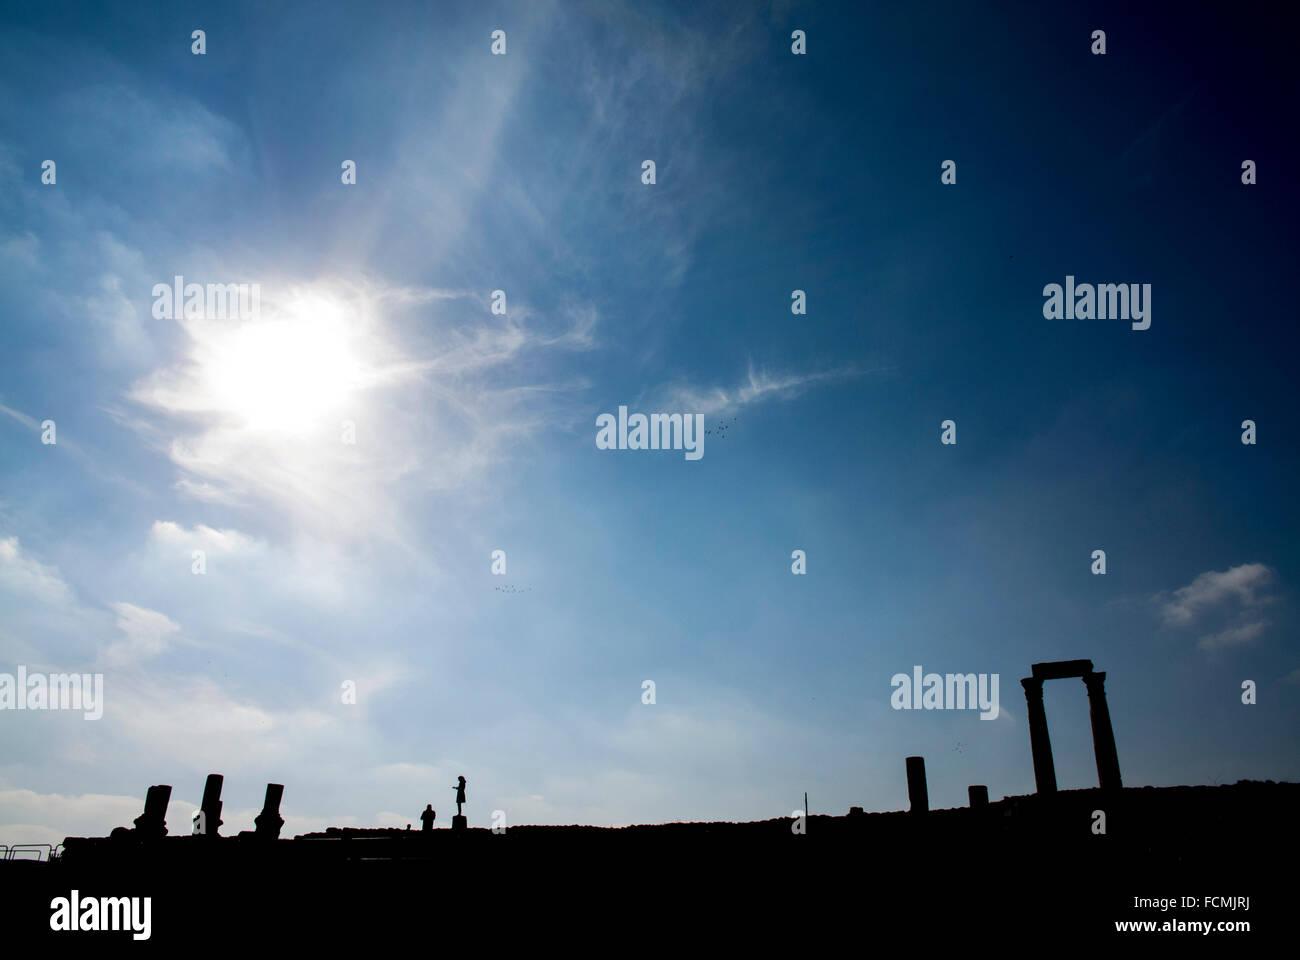 Il Tempio di Ercole in silhouette della cittadella, Amman, Giordania. Immagini Stock